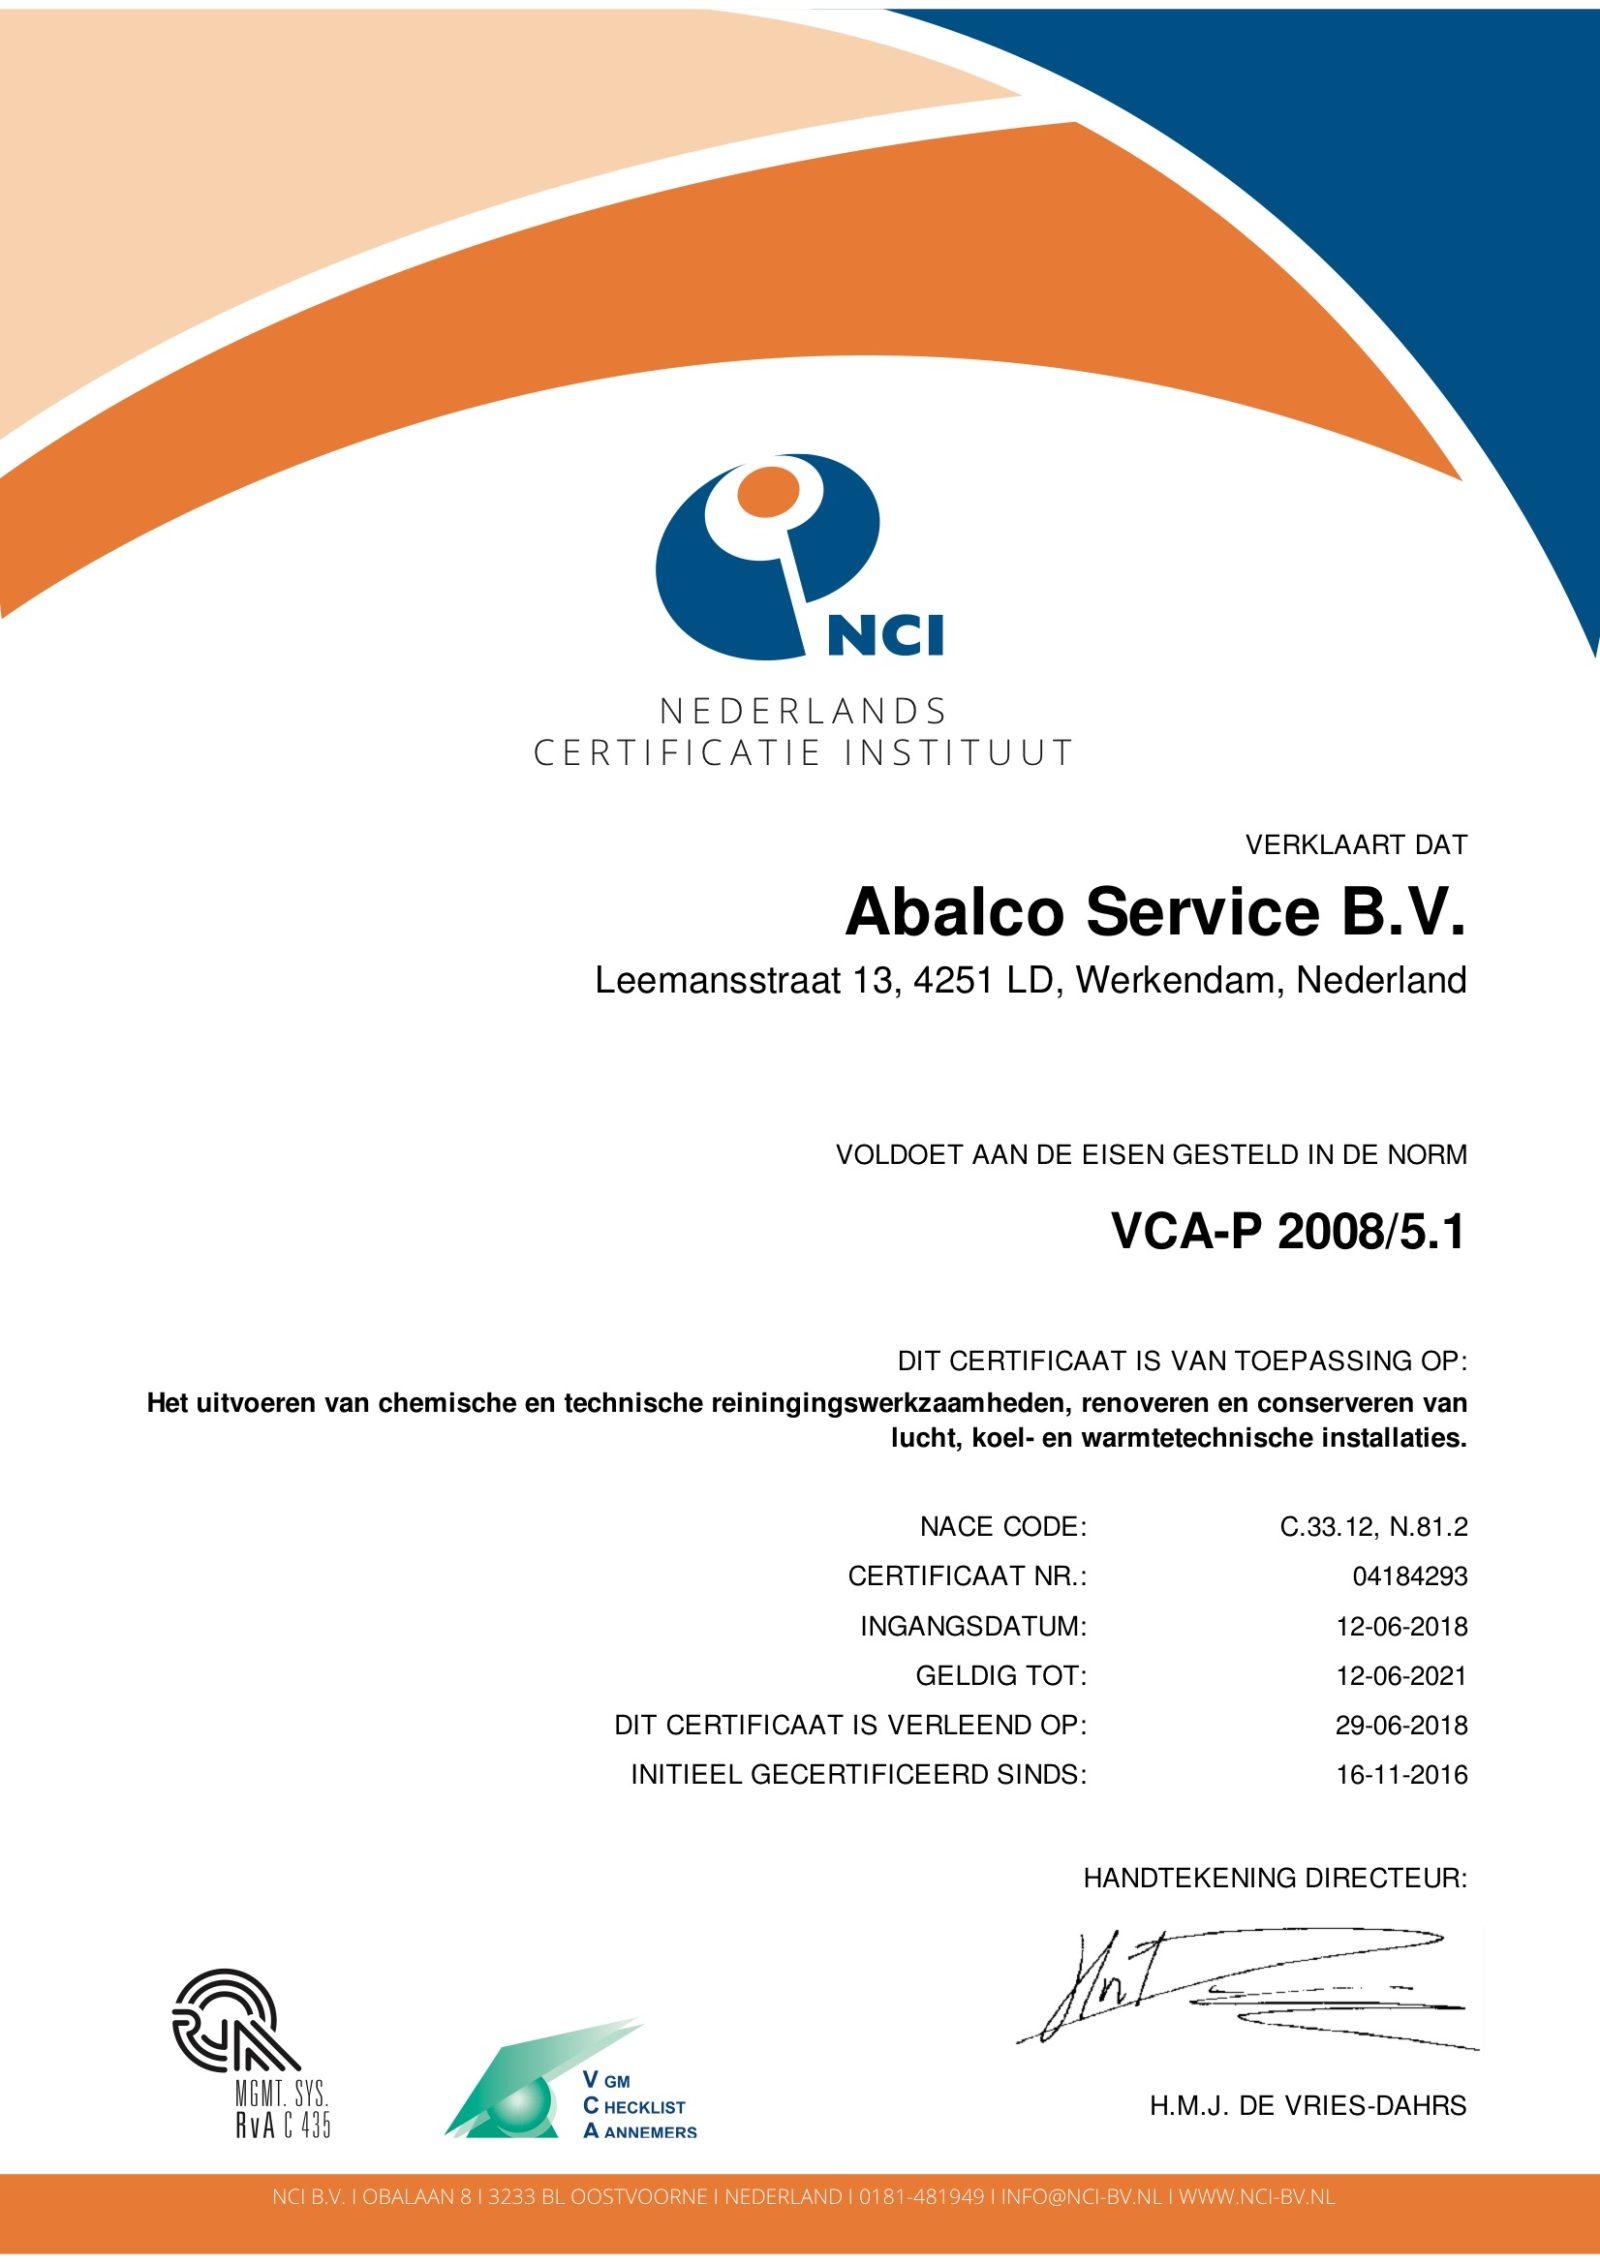 VCA-P 2008/5.1